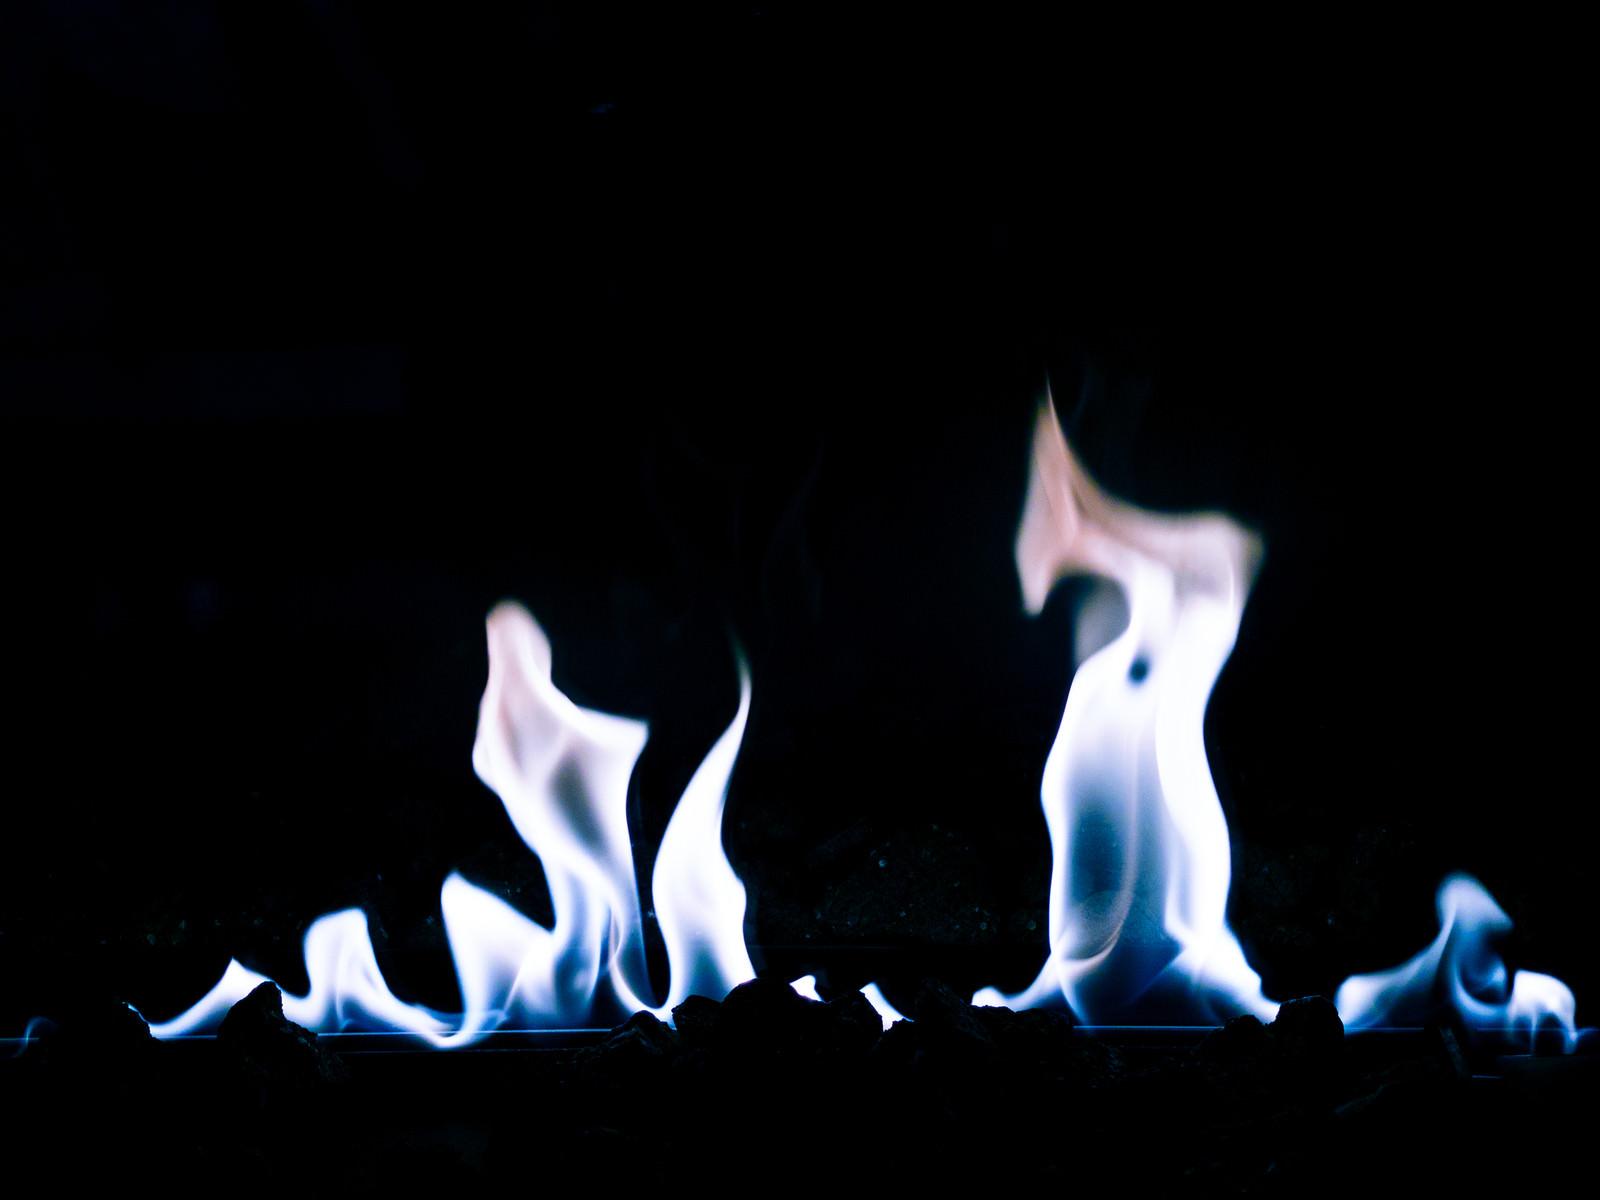 「青白い炎がメラメラ」の写真